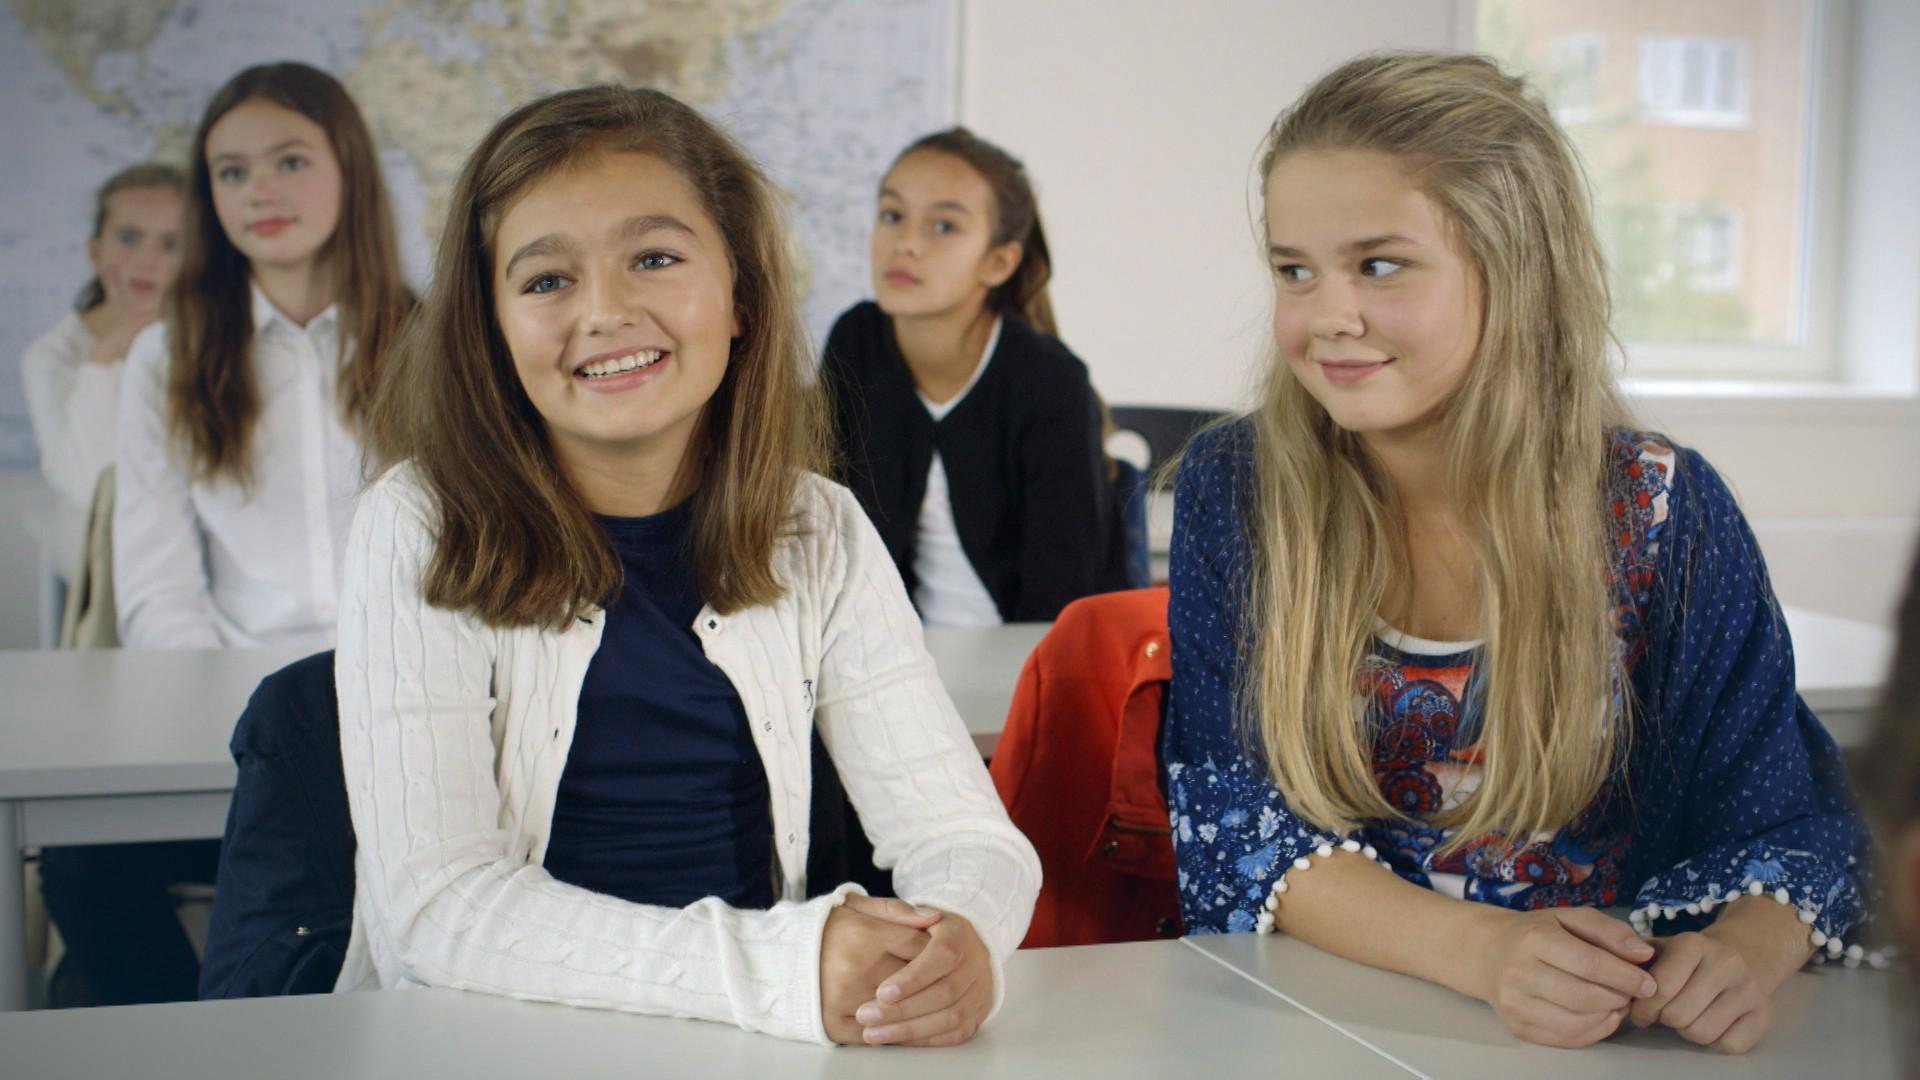 Jenter - 4. Jenter - sesong 6 (Sesong 6) - NRK TV